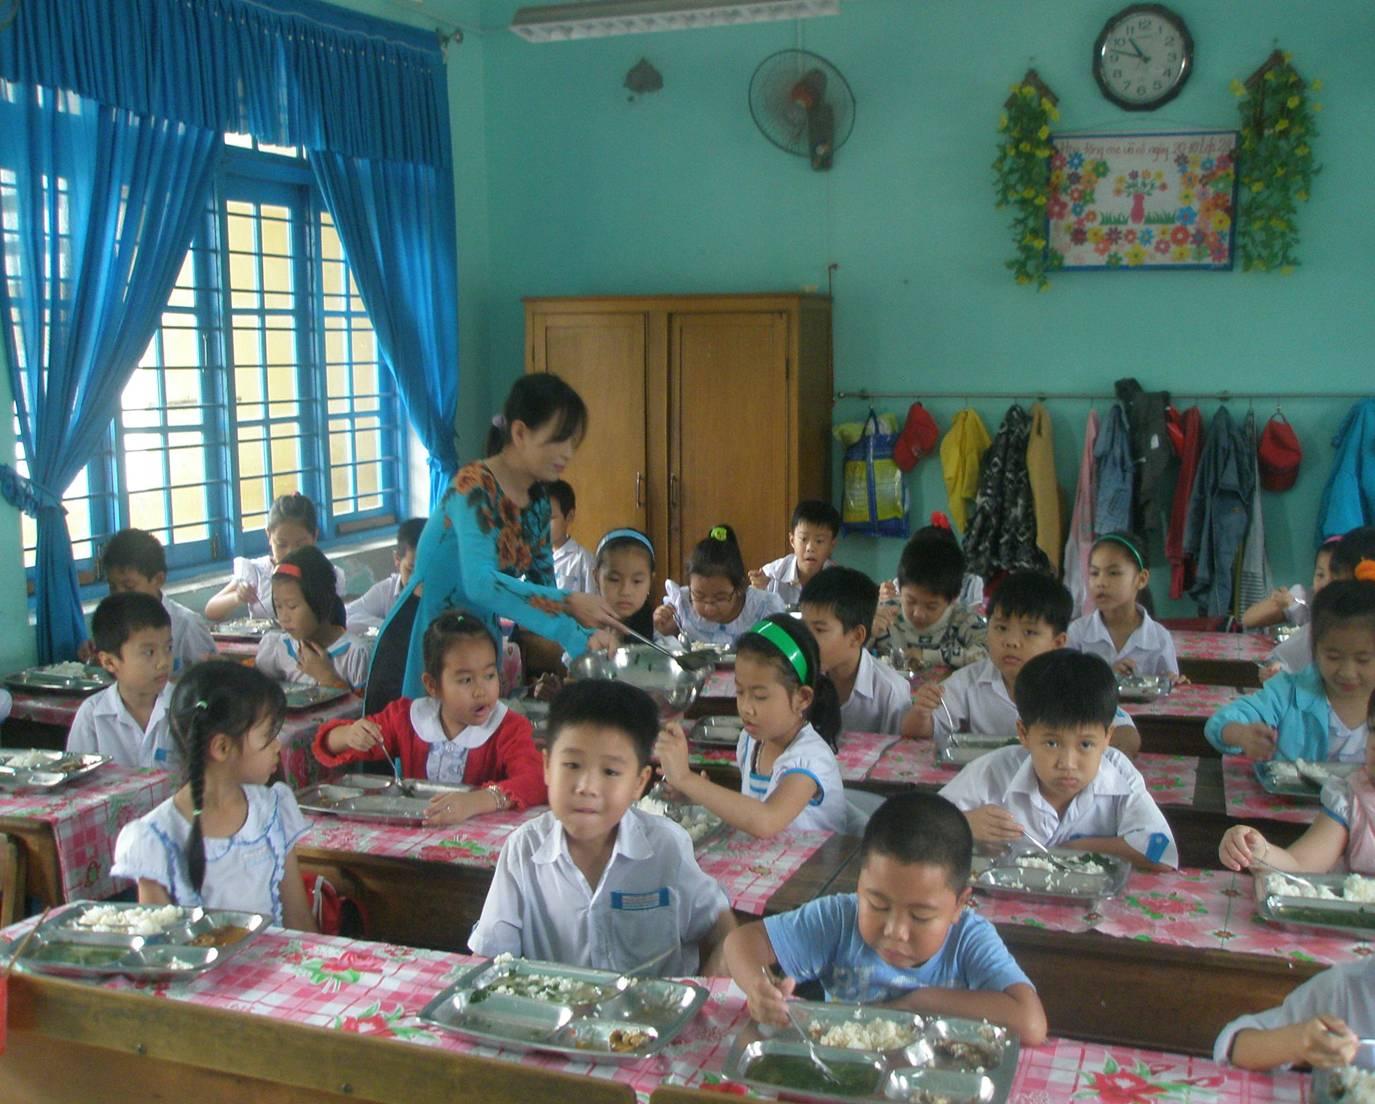 Bữa ăn của học sinh bán trú Trường Tiểu học Trần Quốc Toản.